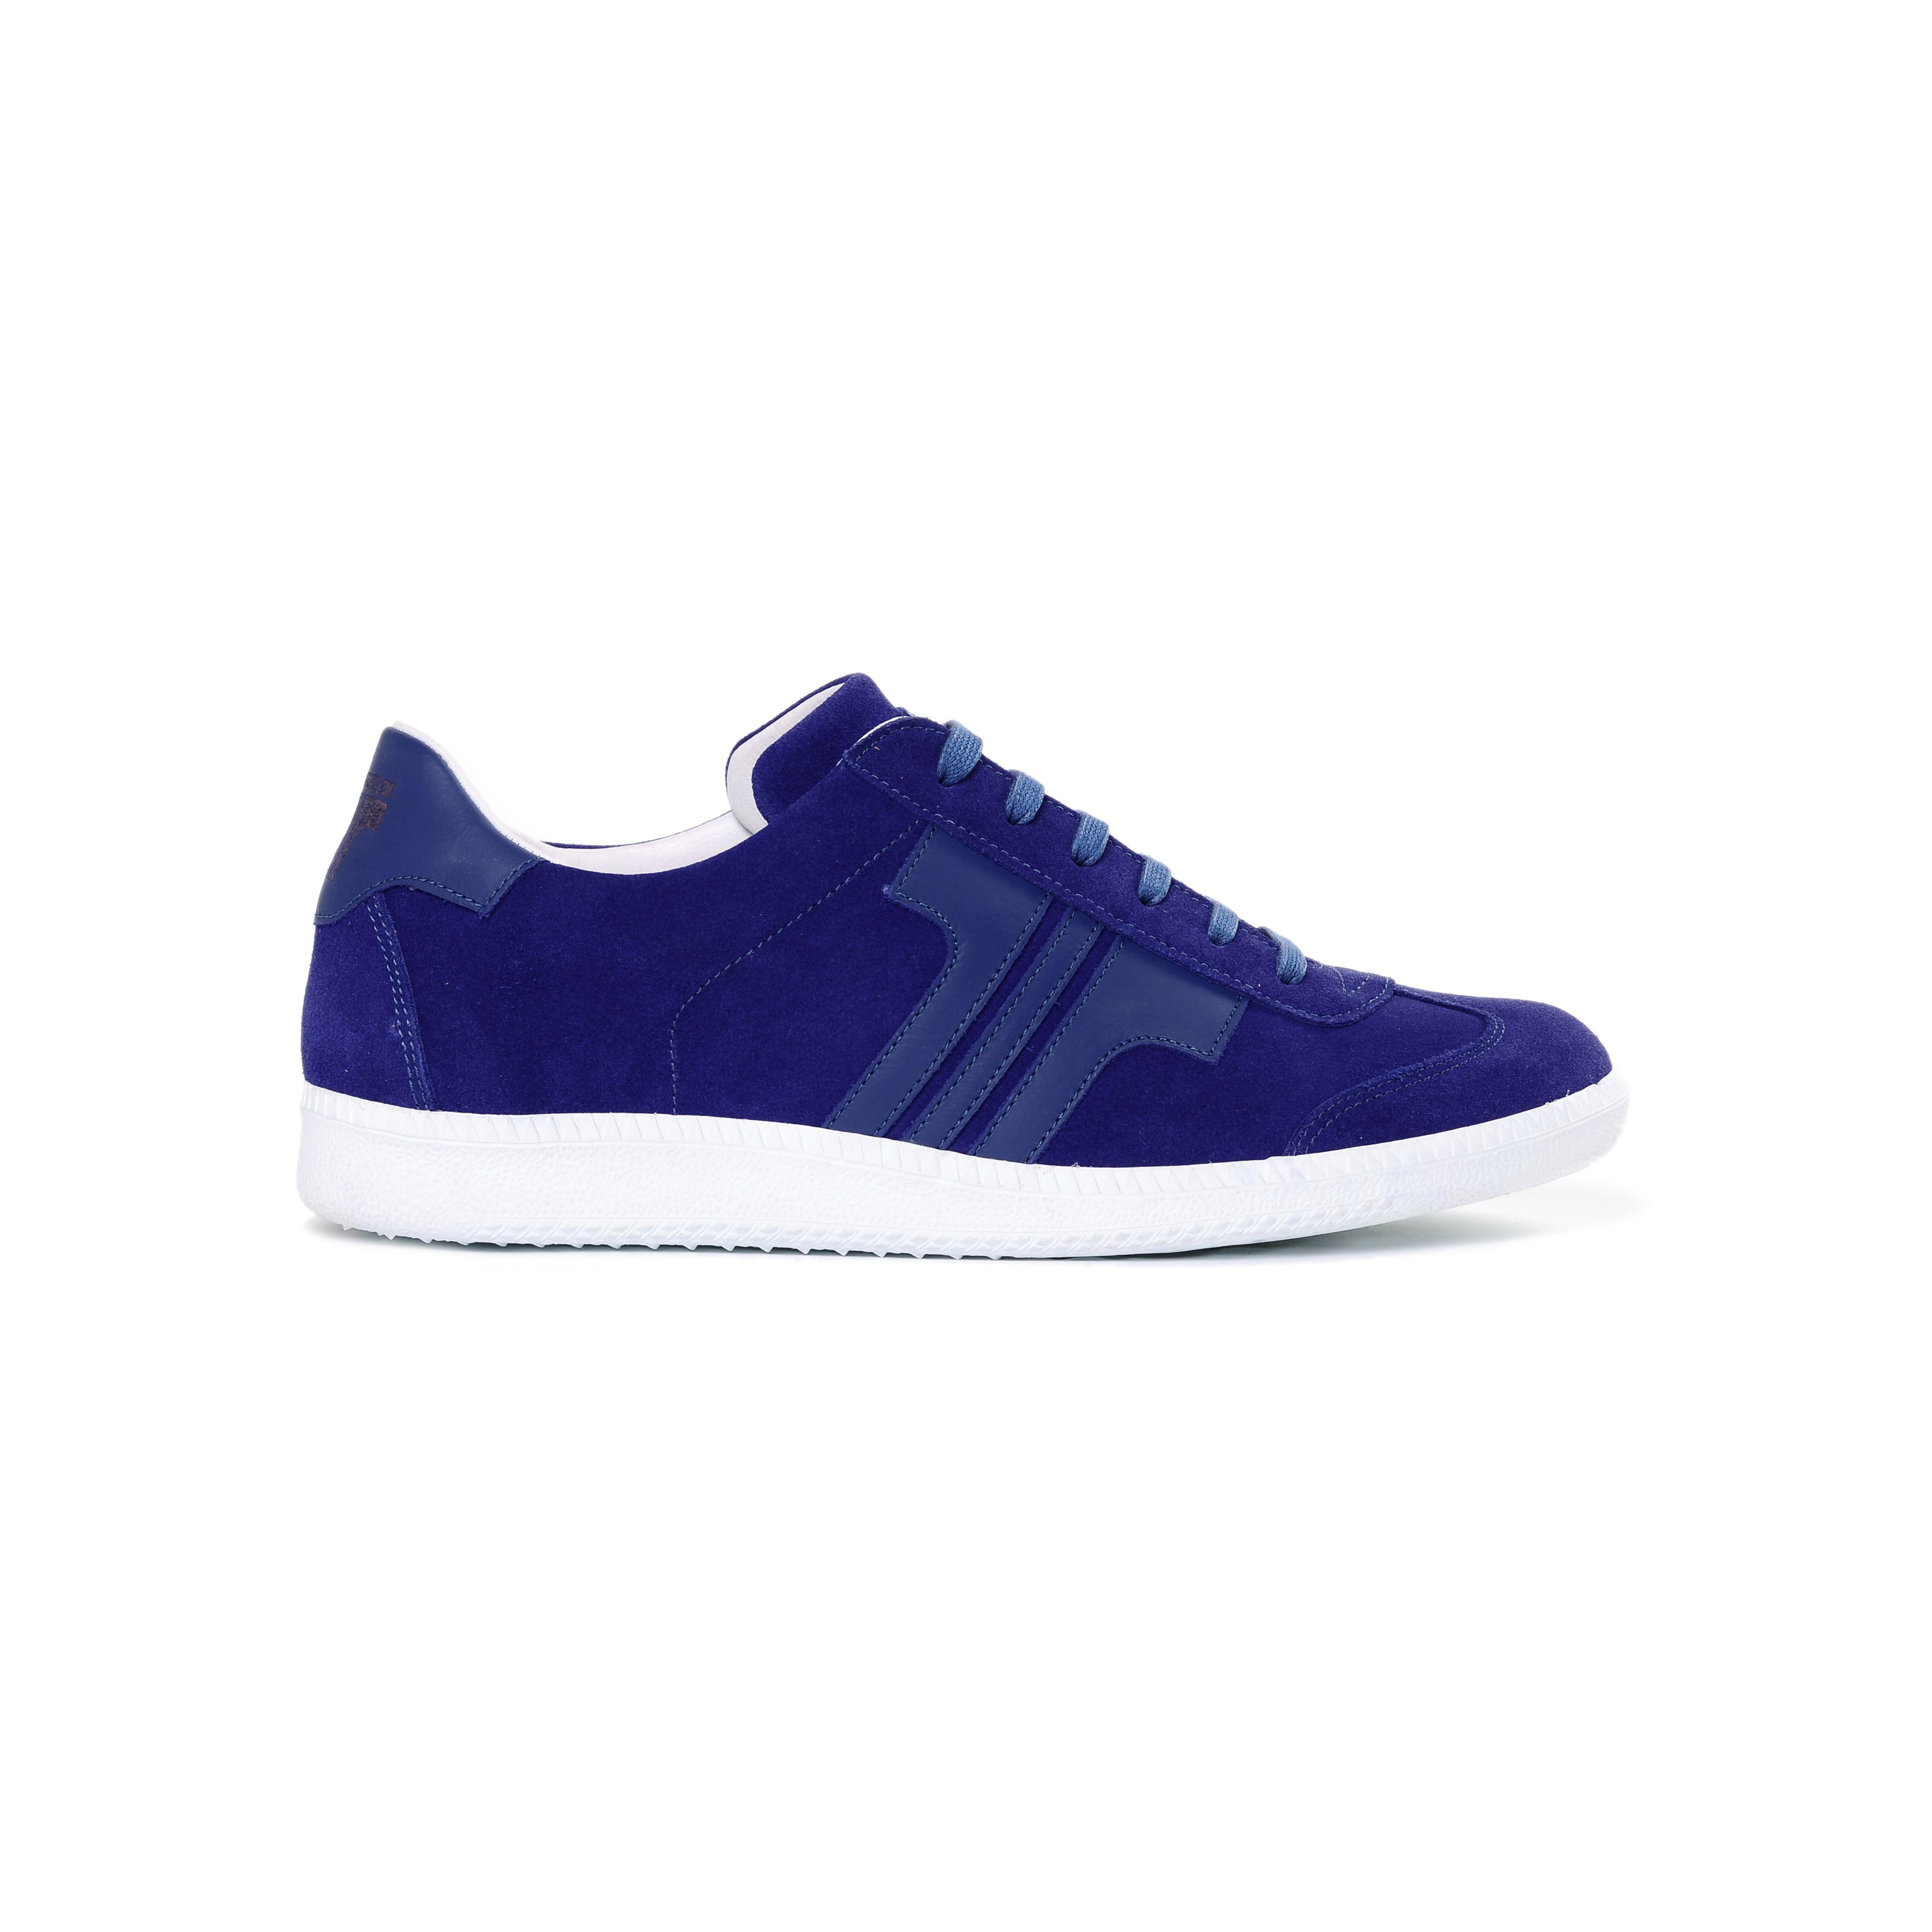 Tisza cipő - Comfort - Indigó